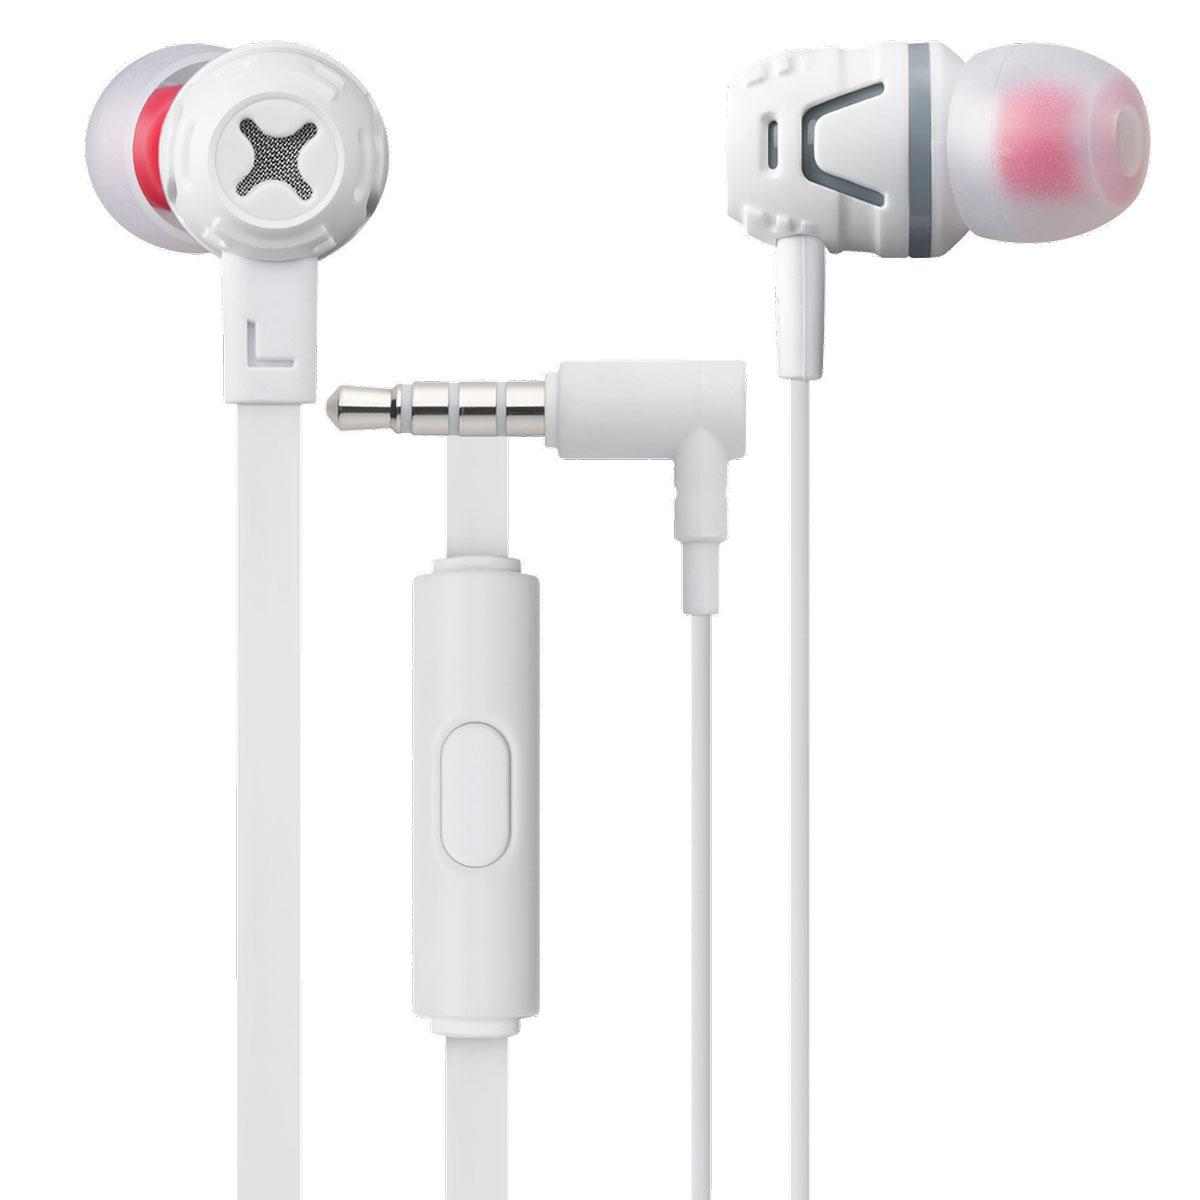 цена на Cresyn C450S, White наушники с микрофоном